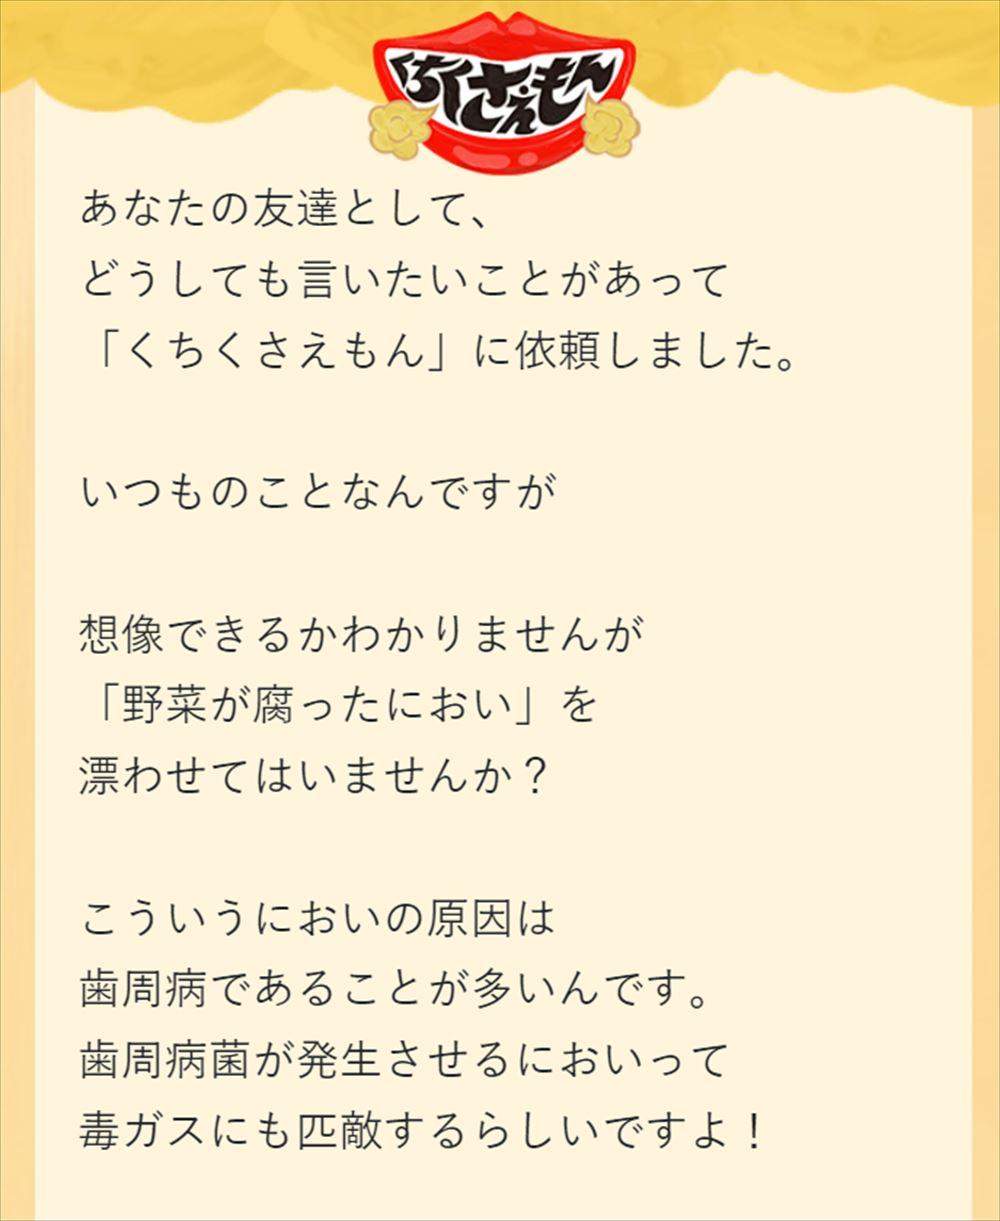 SnapCrab_NoName_2019-4-18_17-1-51_No-00_R